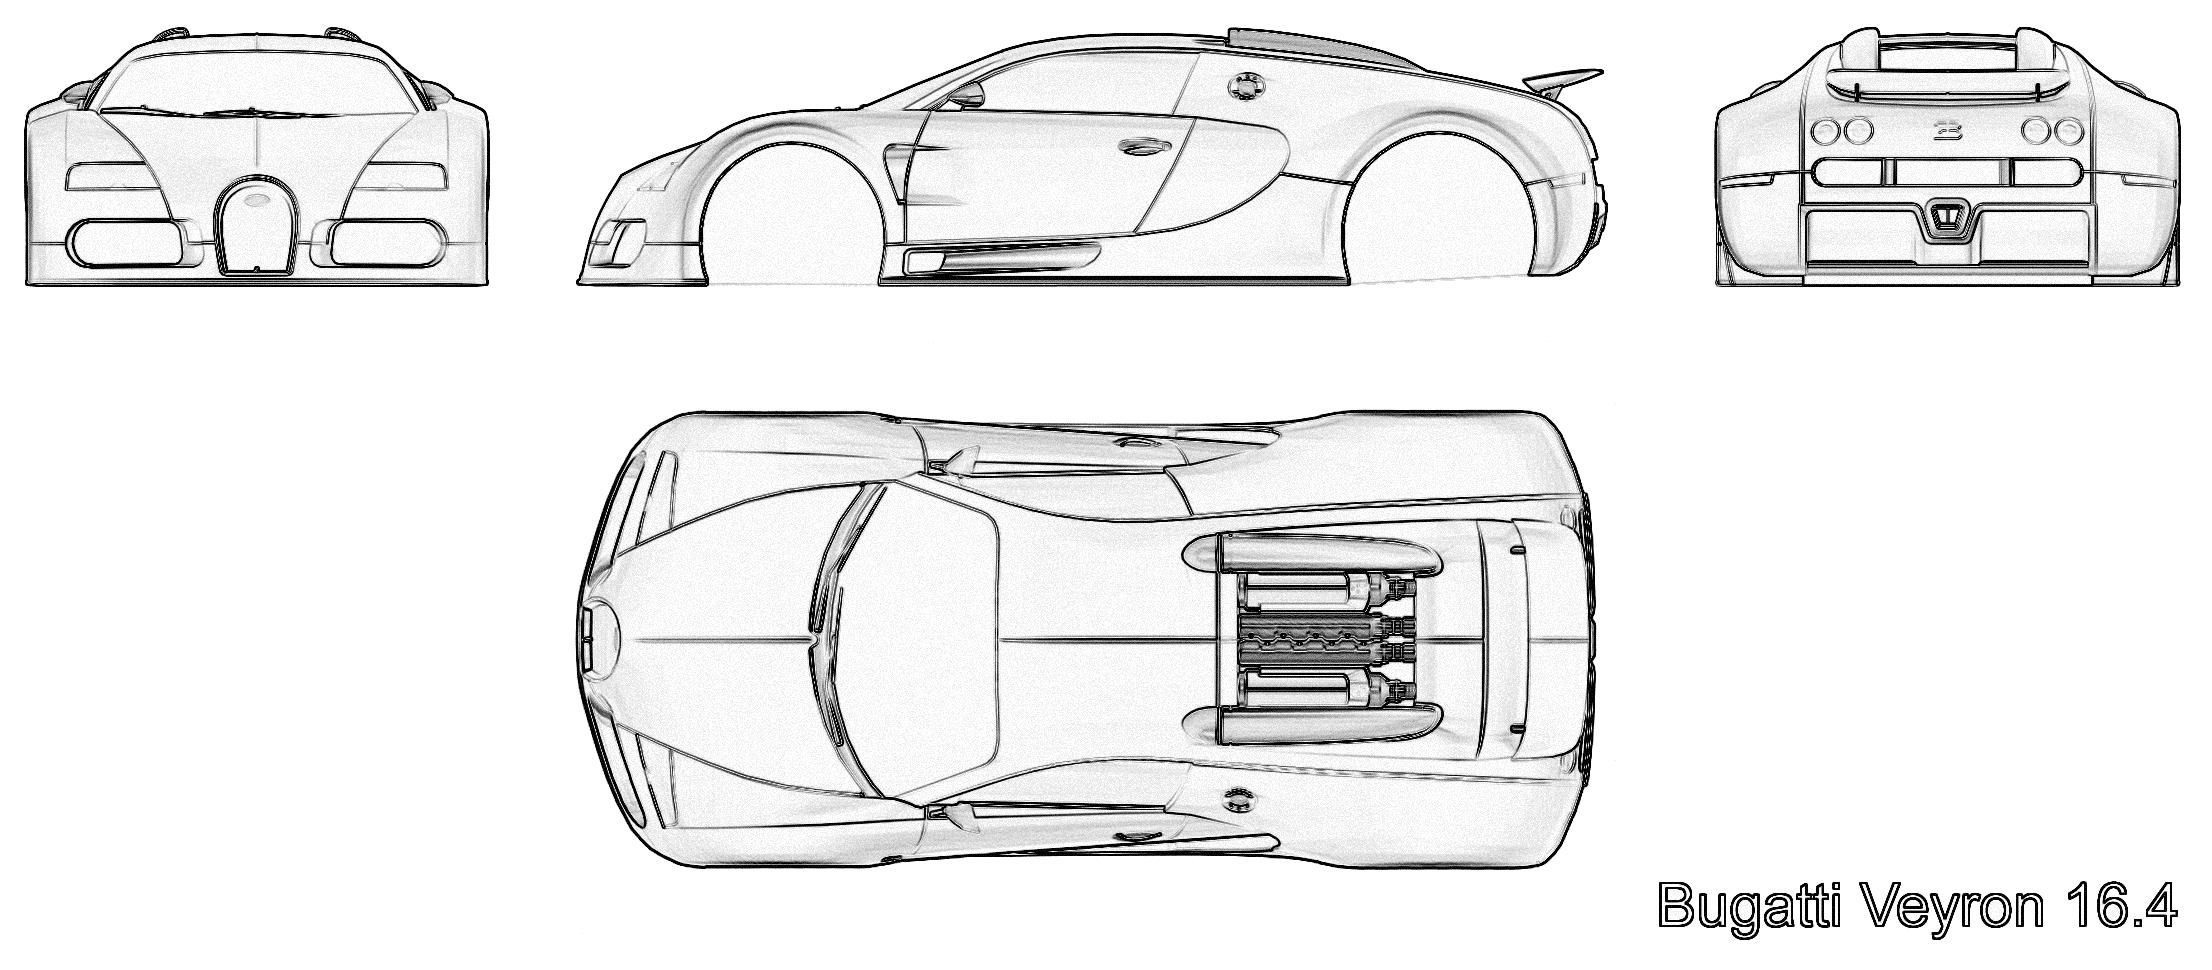 Bugatti Outline With Bugatti Veyron Clip Art : Bugatti Outline.